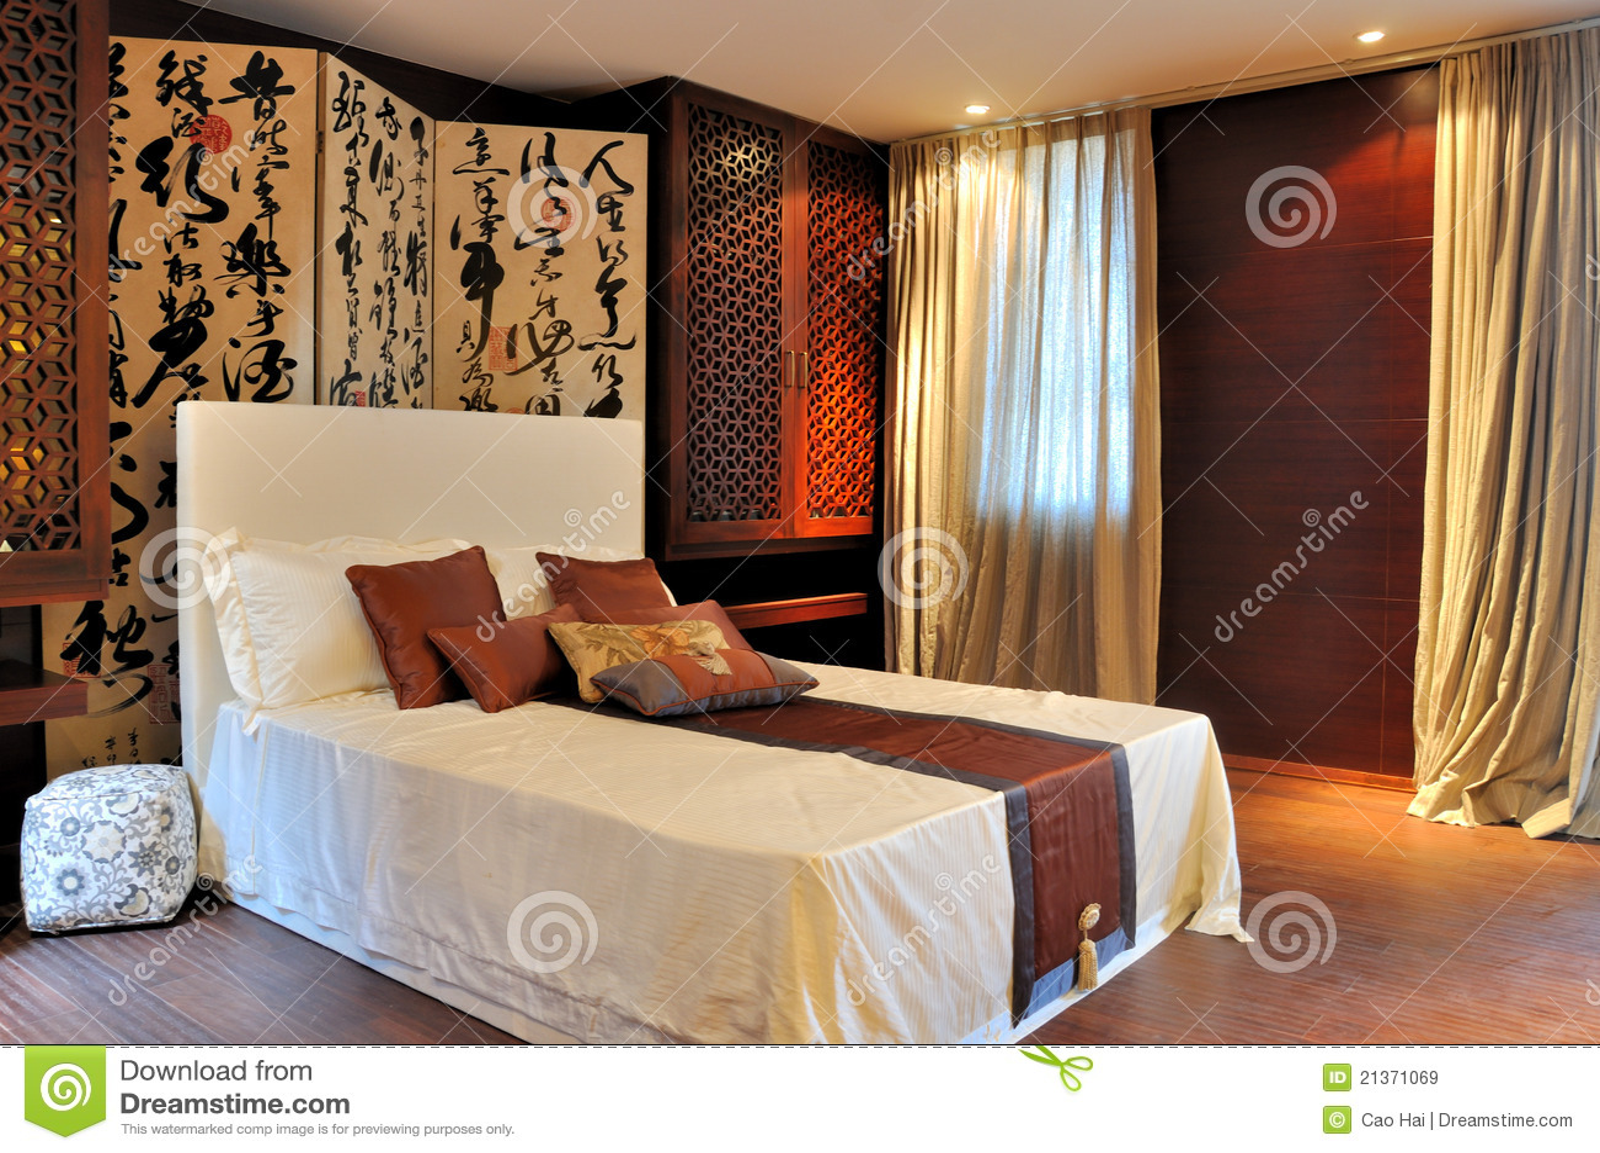 Camere Da Letto Stile Orientale : Camera da letto decorata nello stile di lusso orientale immagine